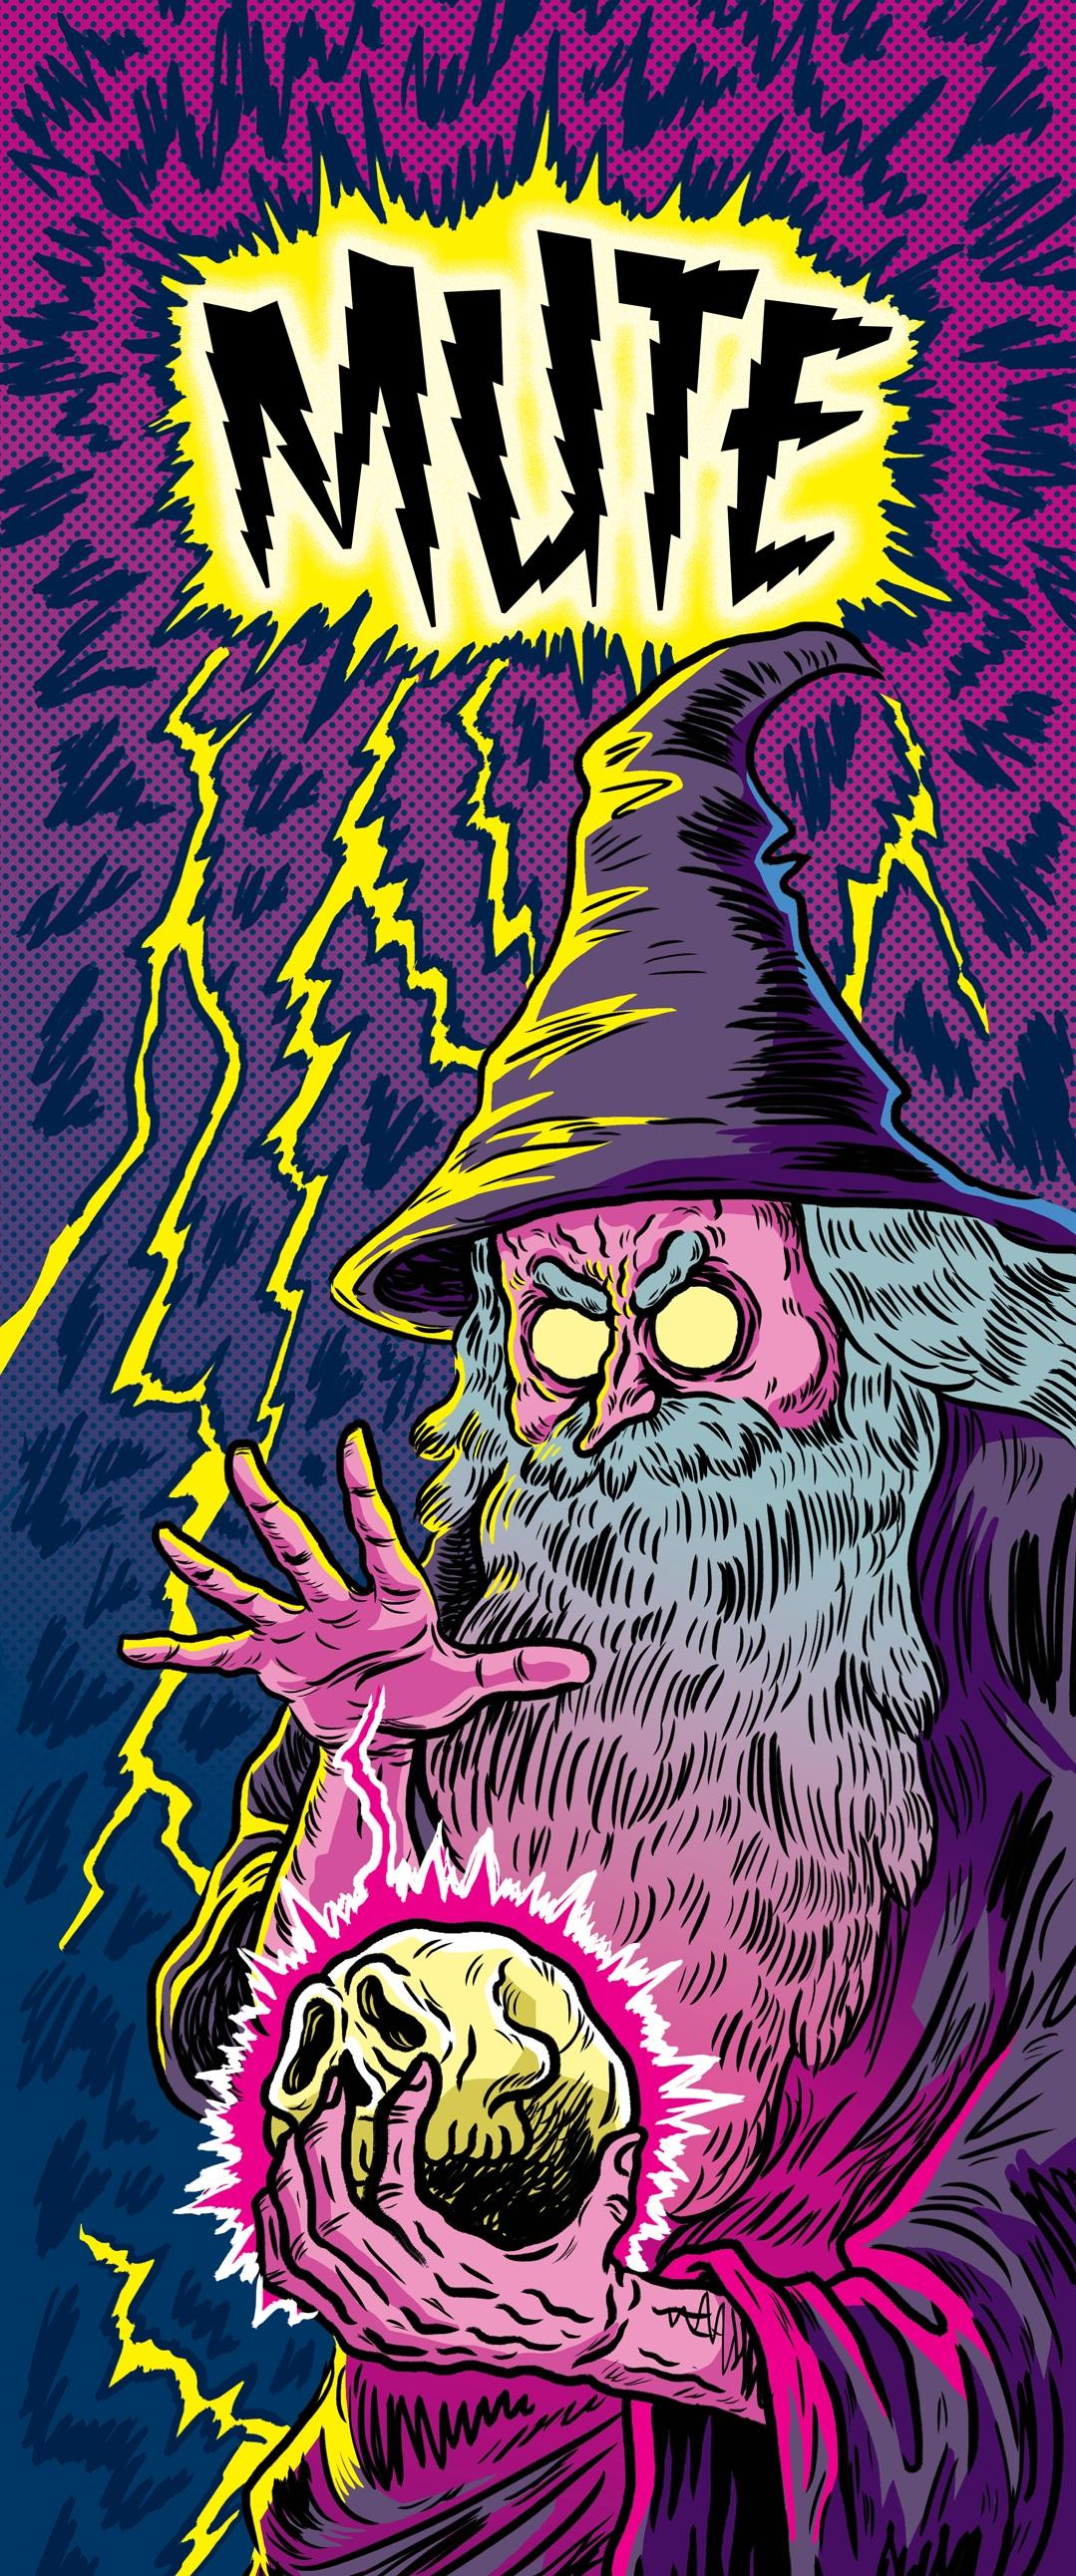 Wizard Deck